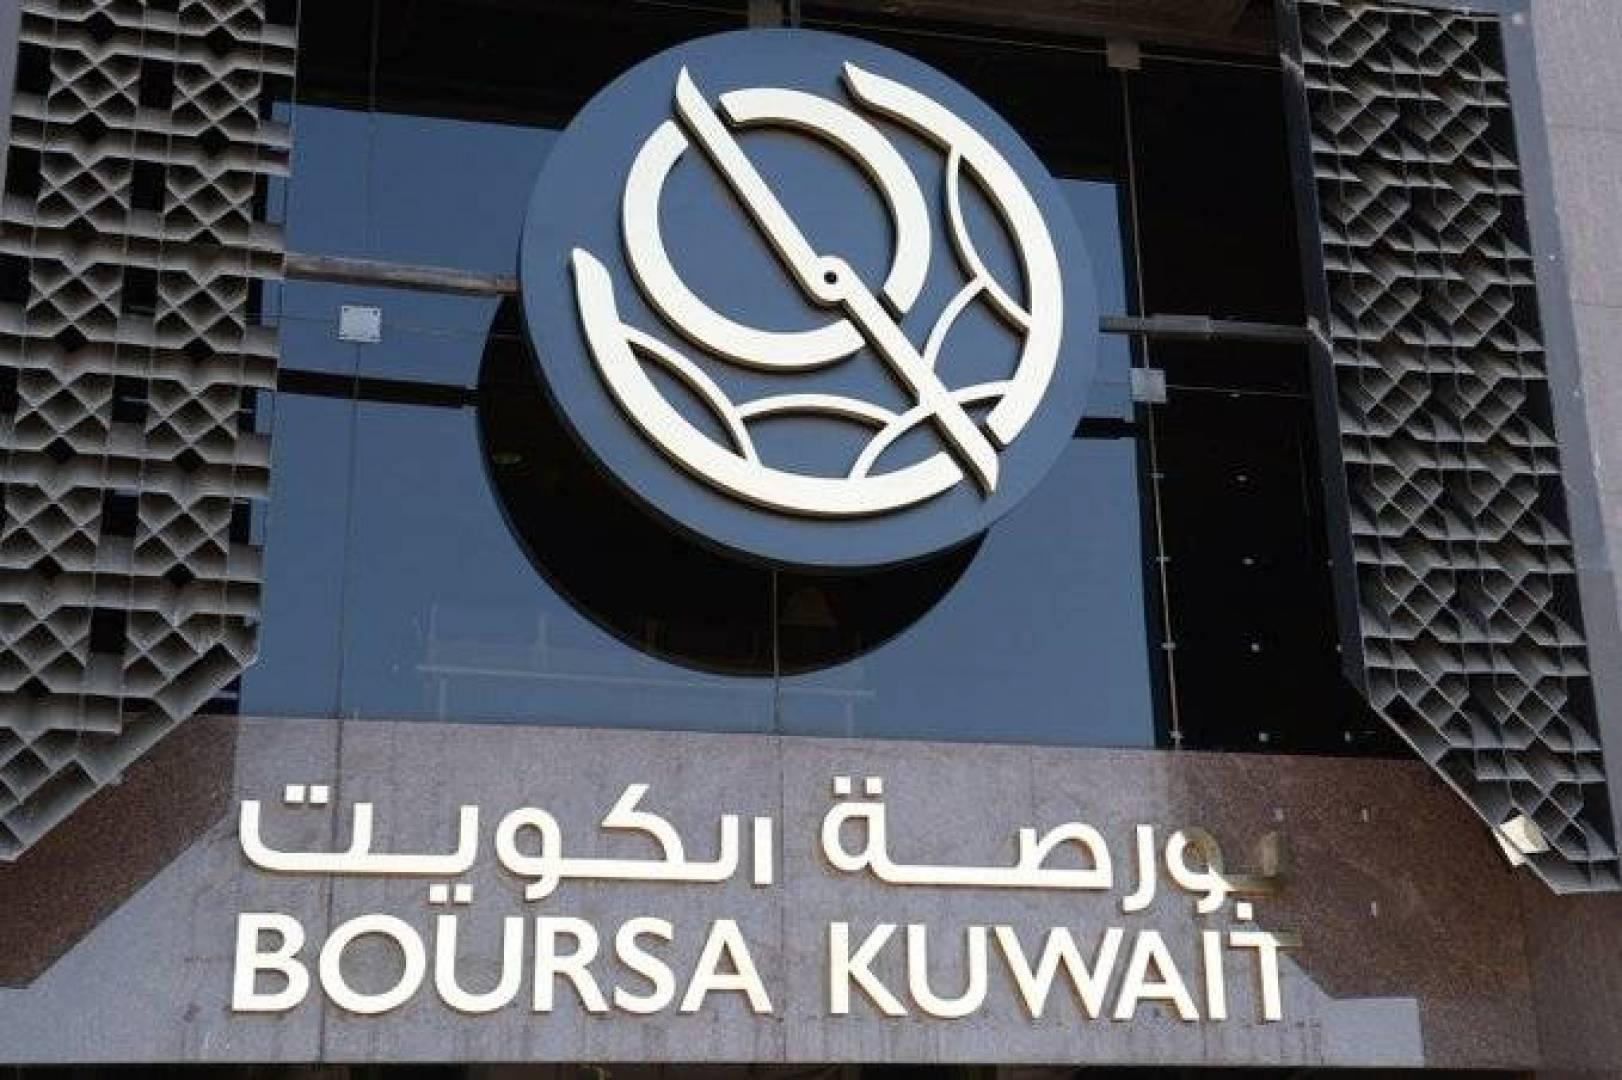 بورصة الكويت: عطلة عيد الفطر.. الأحد المقبل